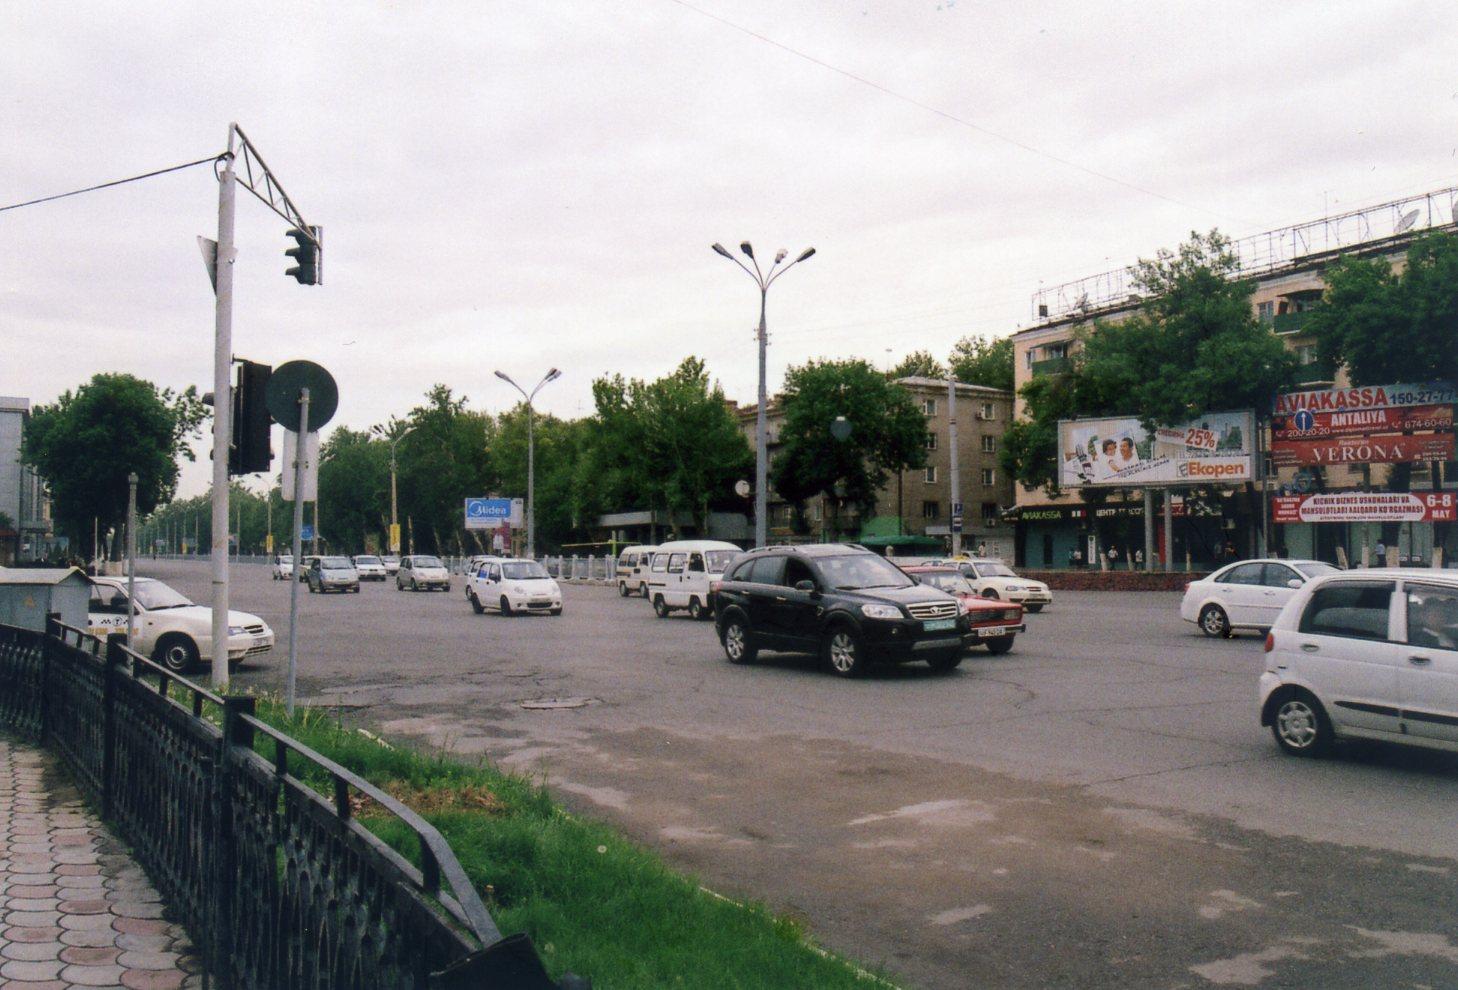 ウズベキスタンの首都、タシケントの街【ウズベキスタン(タシケント)】